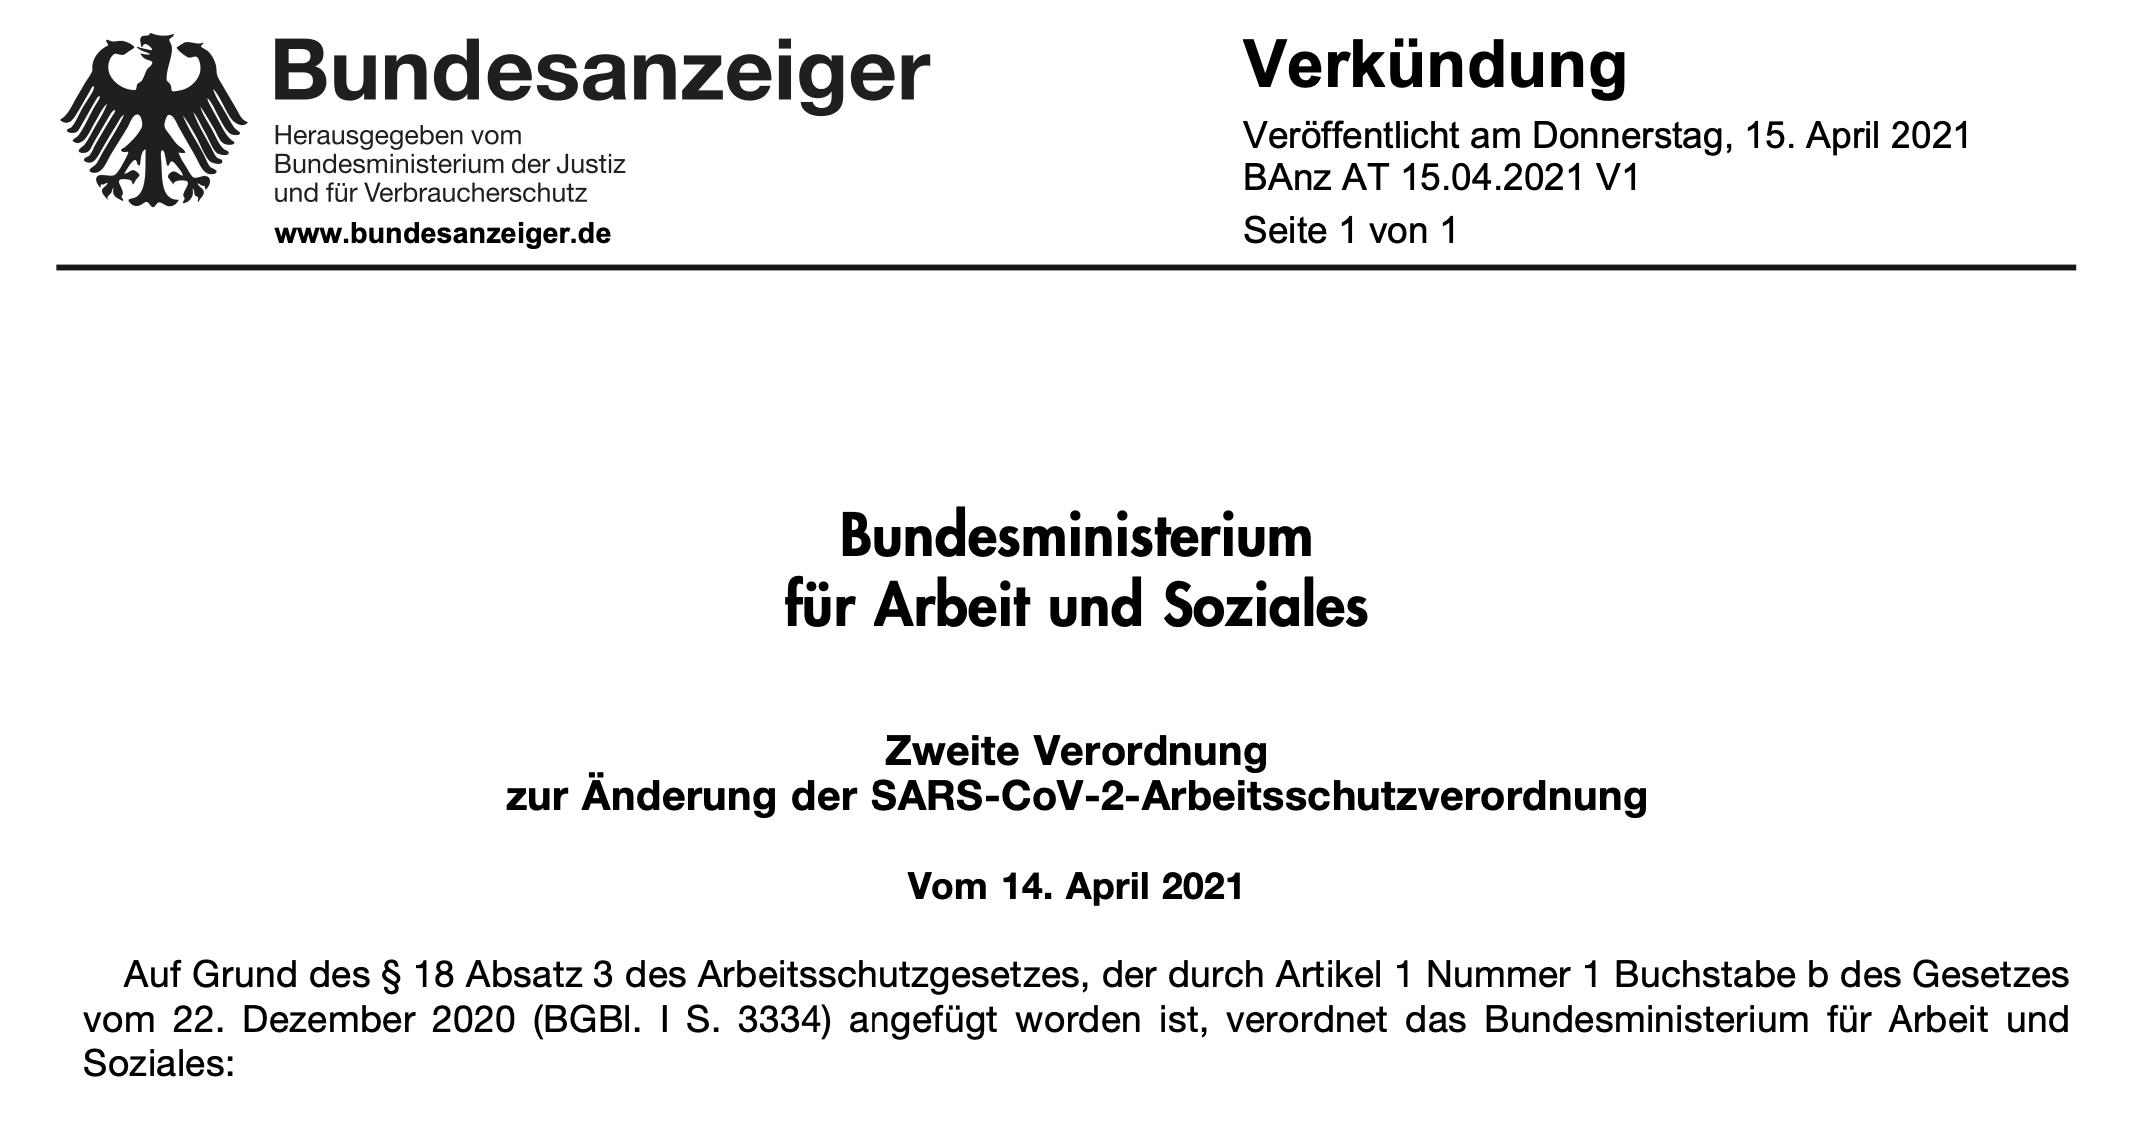 Zweite Verordnung zur Änderung der SARS-CoV-2-Arbeitsschutzverordnung